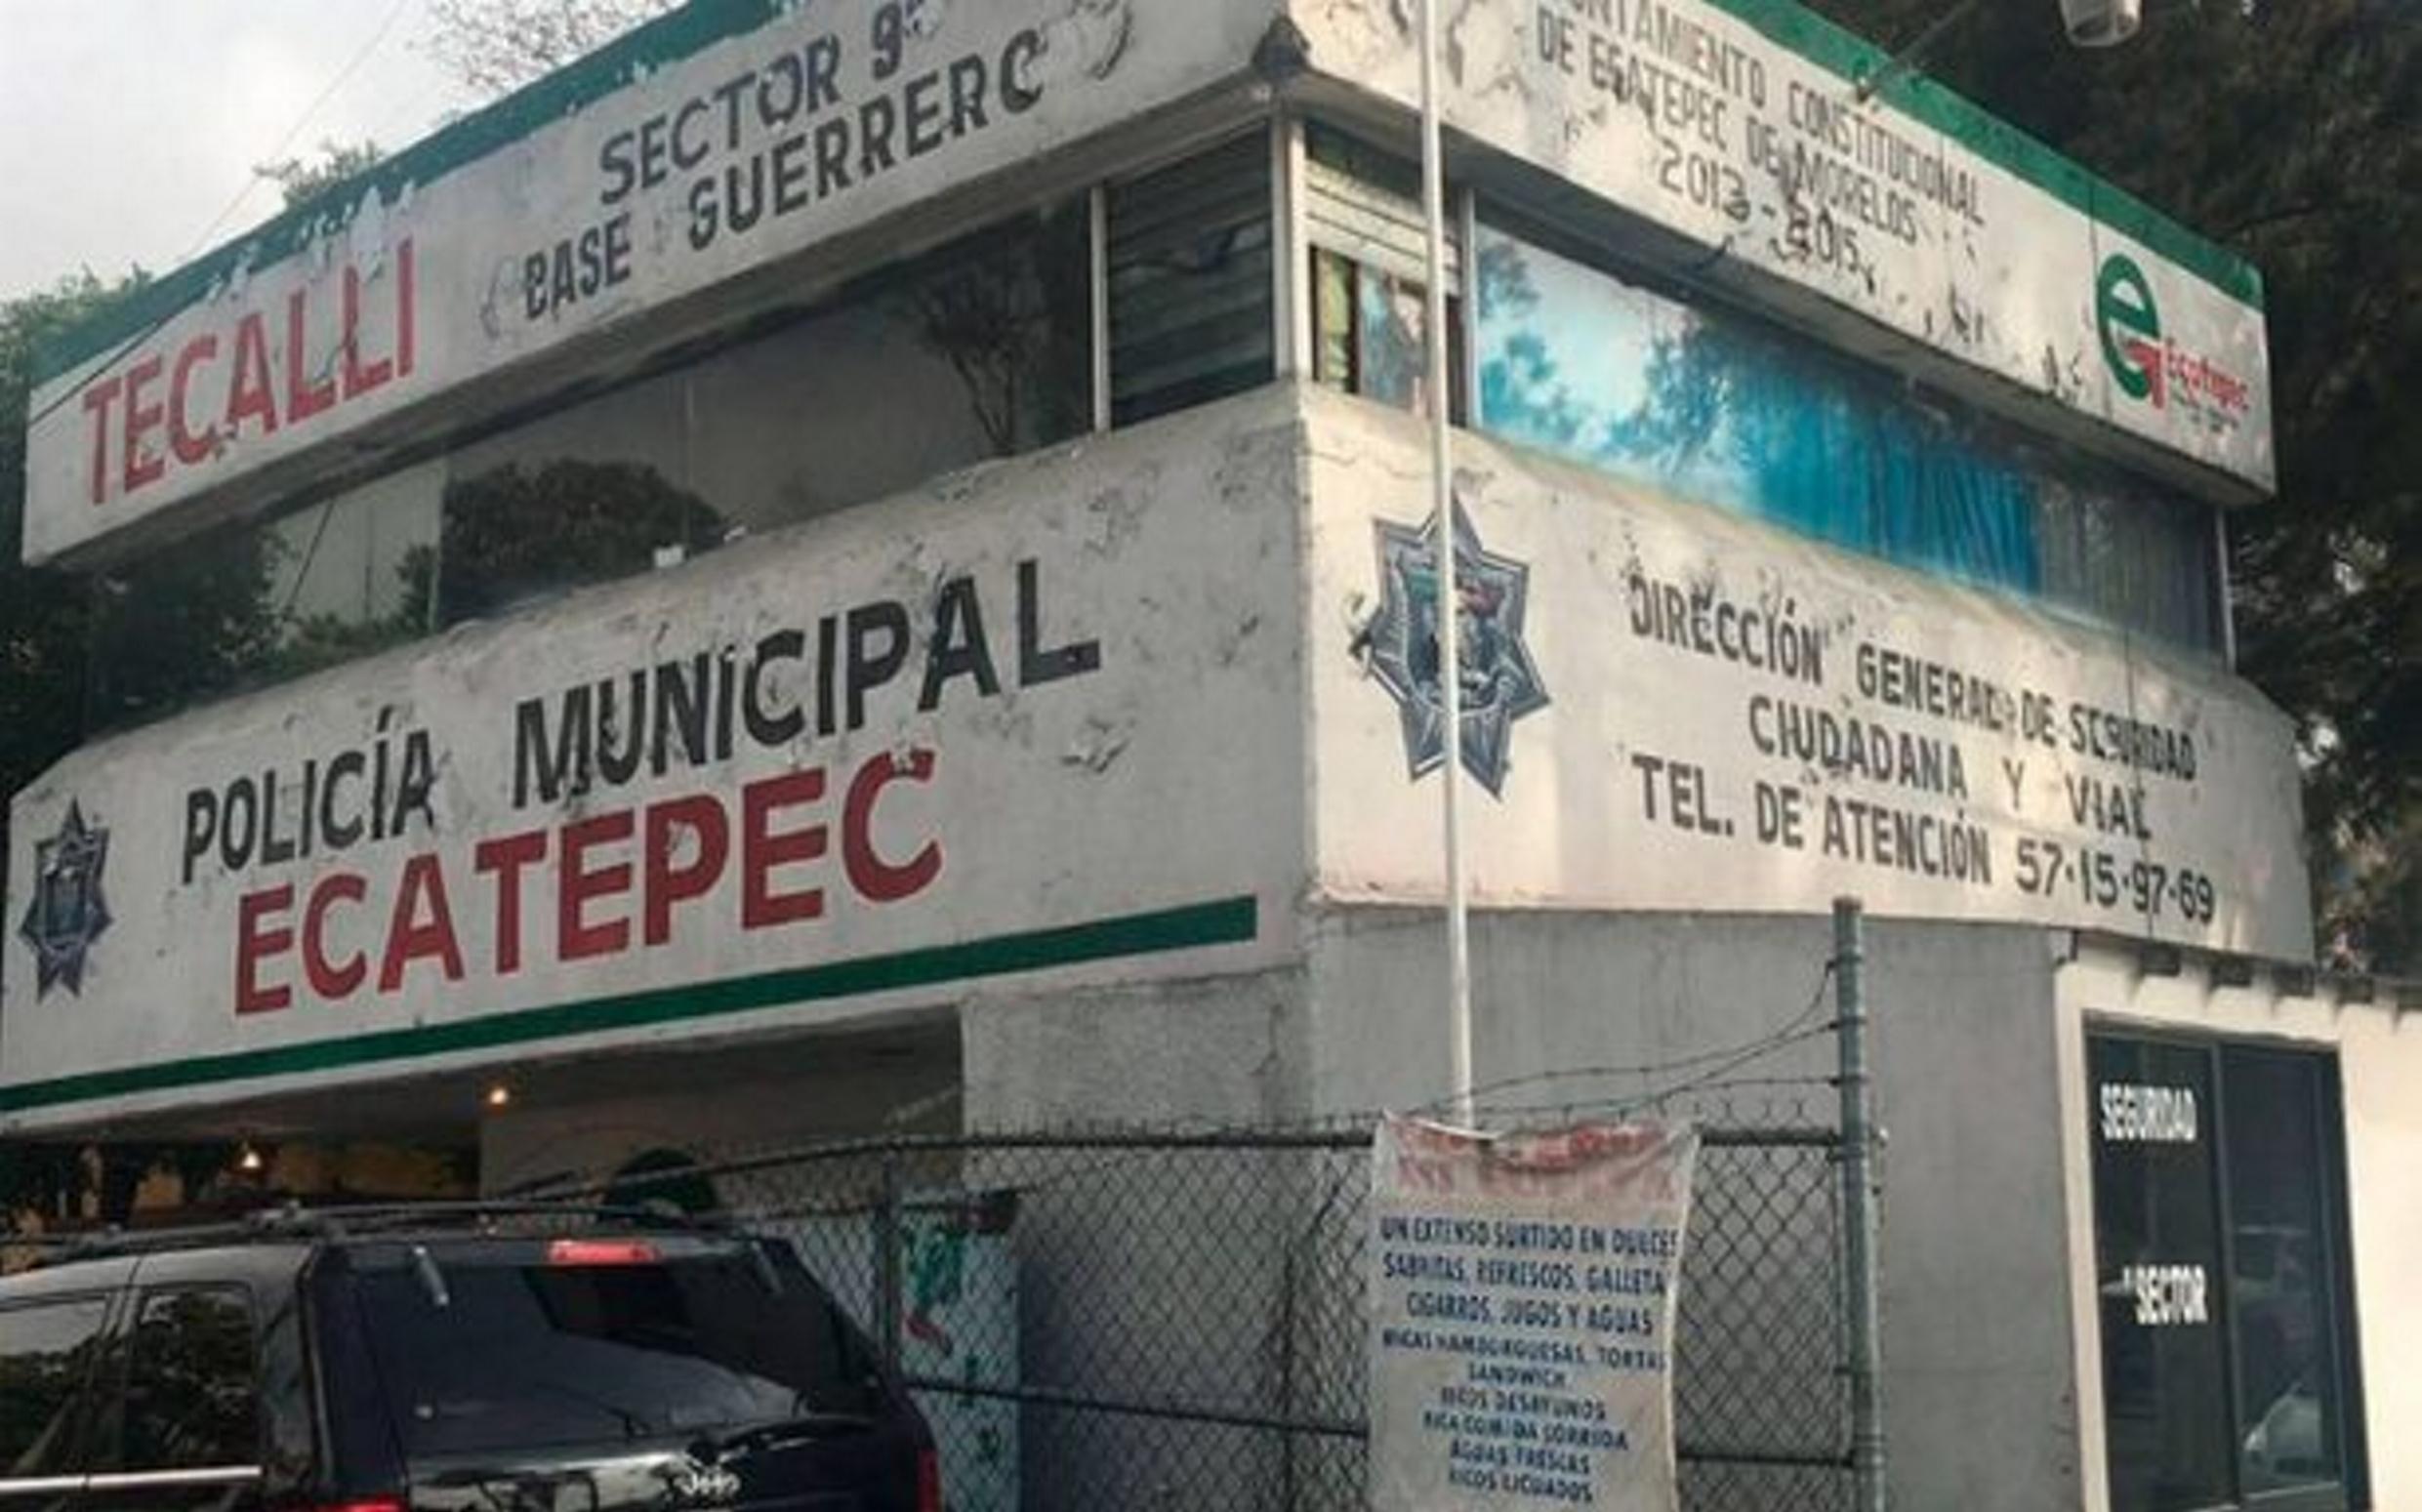 Ecatepec. Notimex.